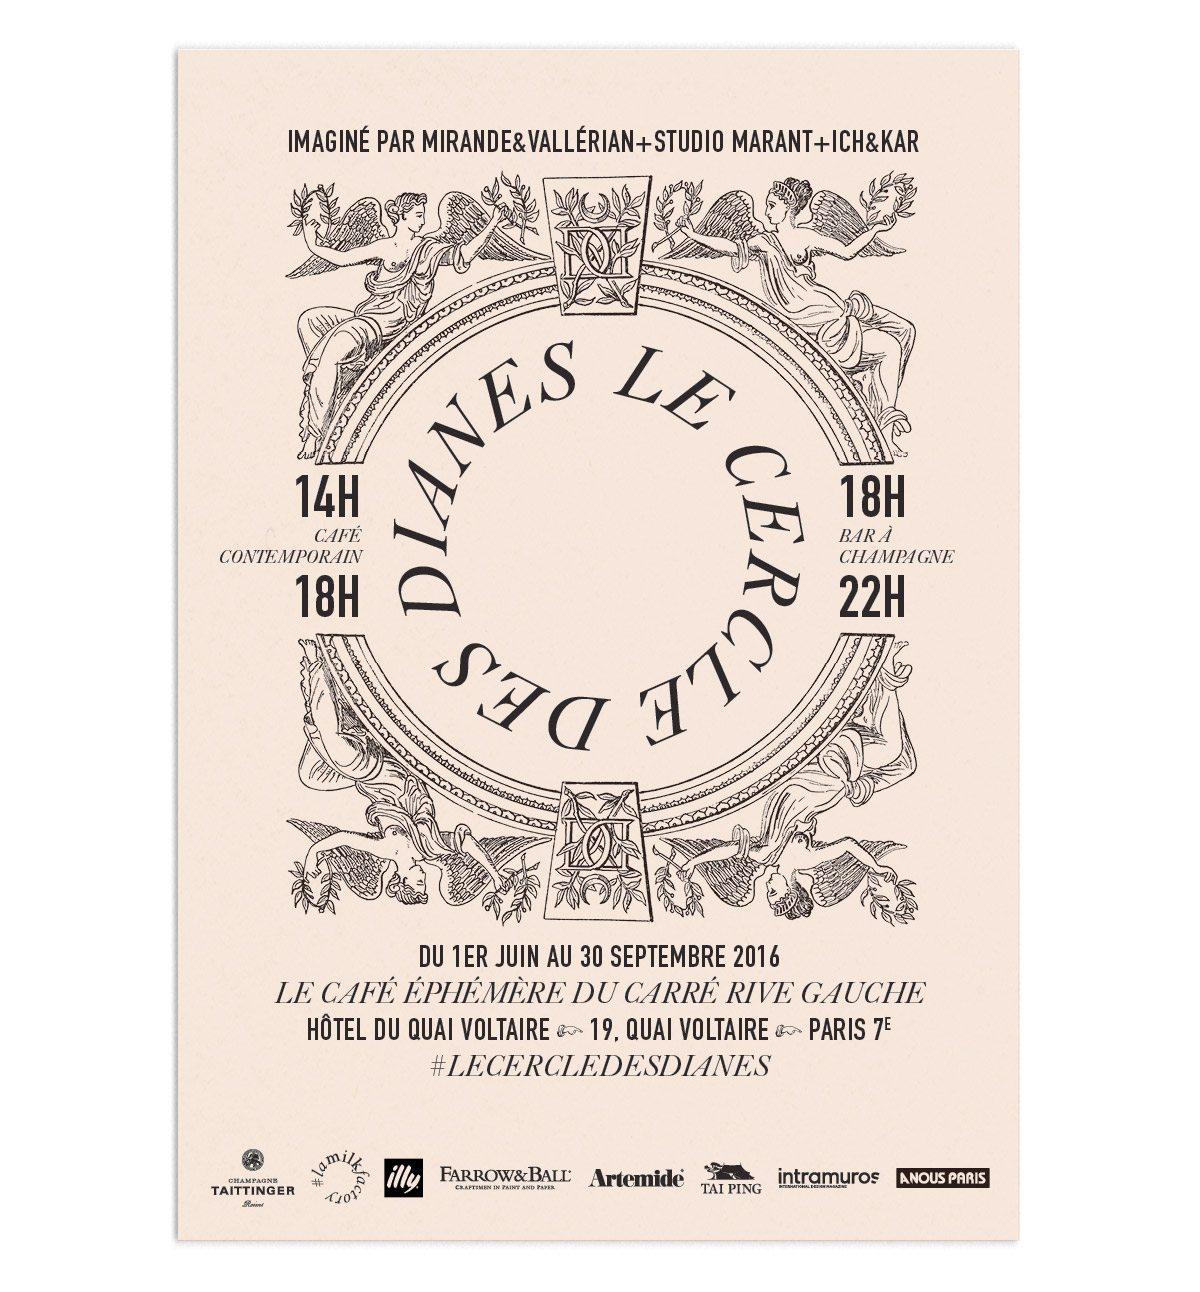 affiche du cercle des dianes café éphémère du carré rive gauche des antiquaires à paris dessiné par ichetkar